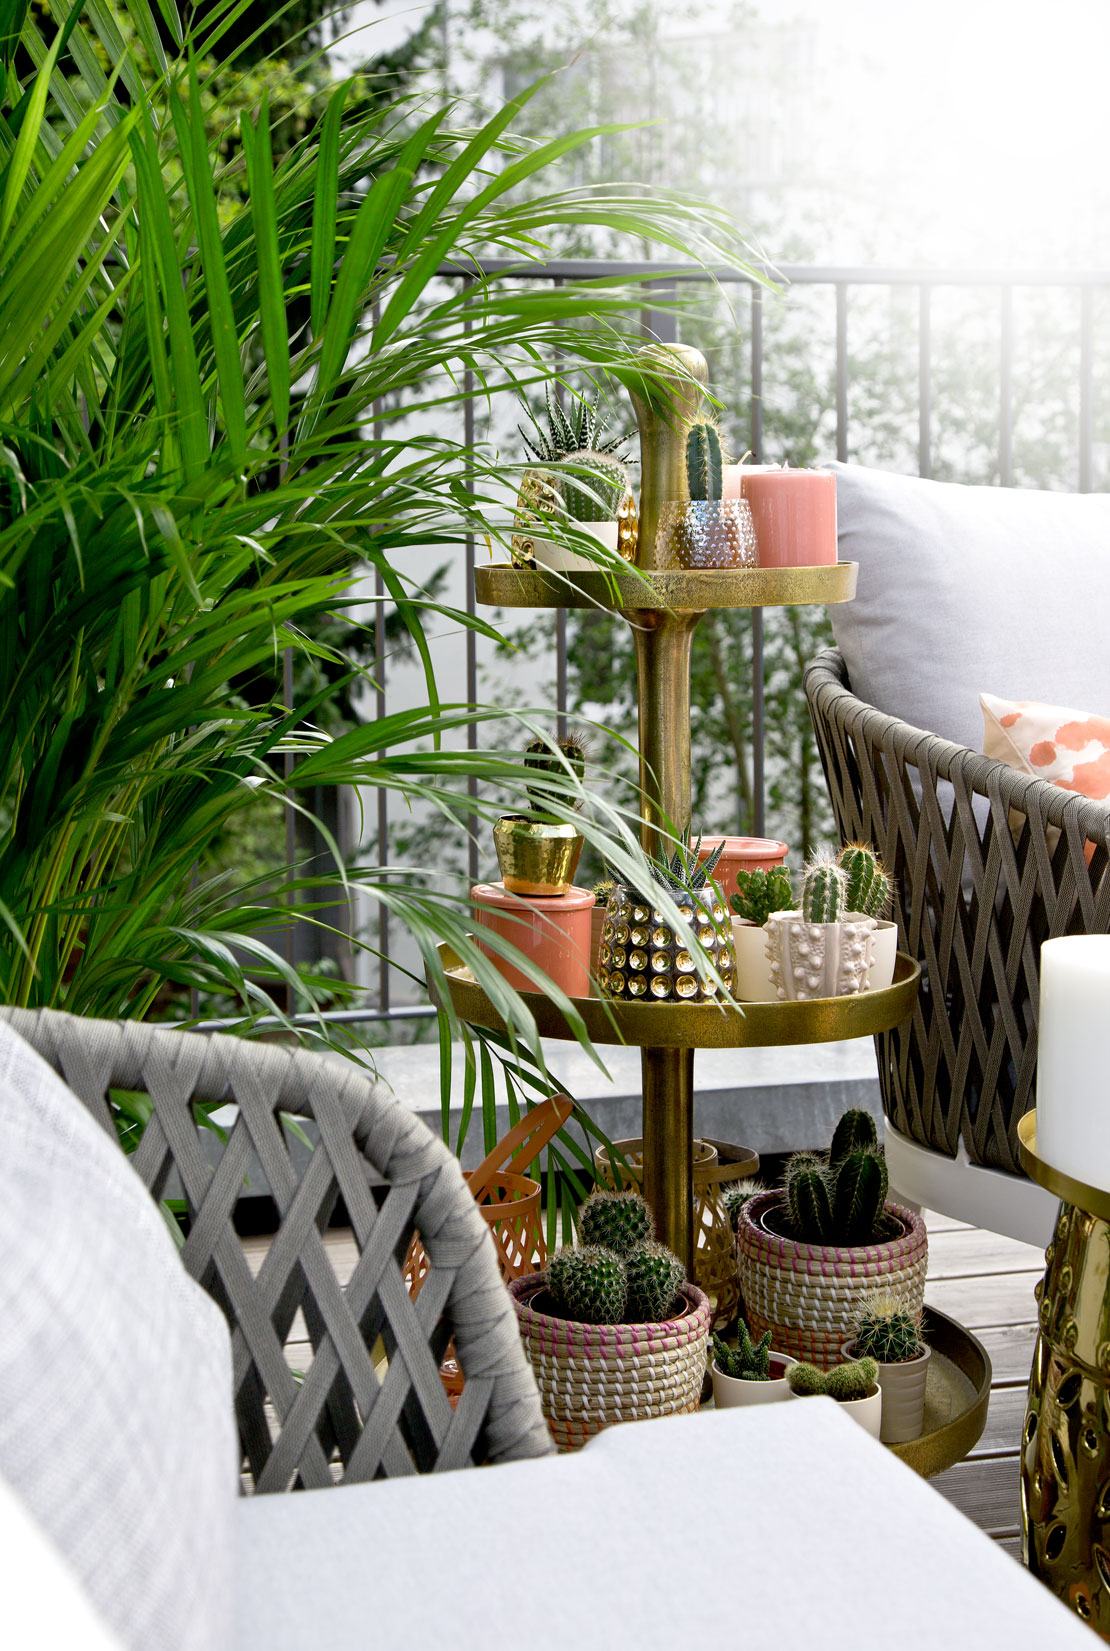 jenny knäble dachterrasse pflanzen Sofa